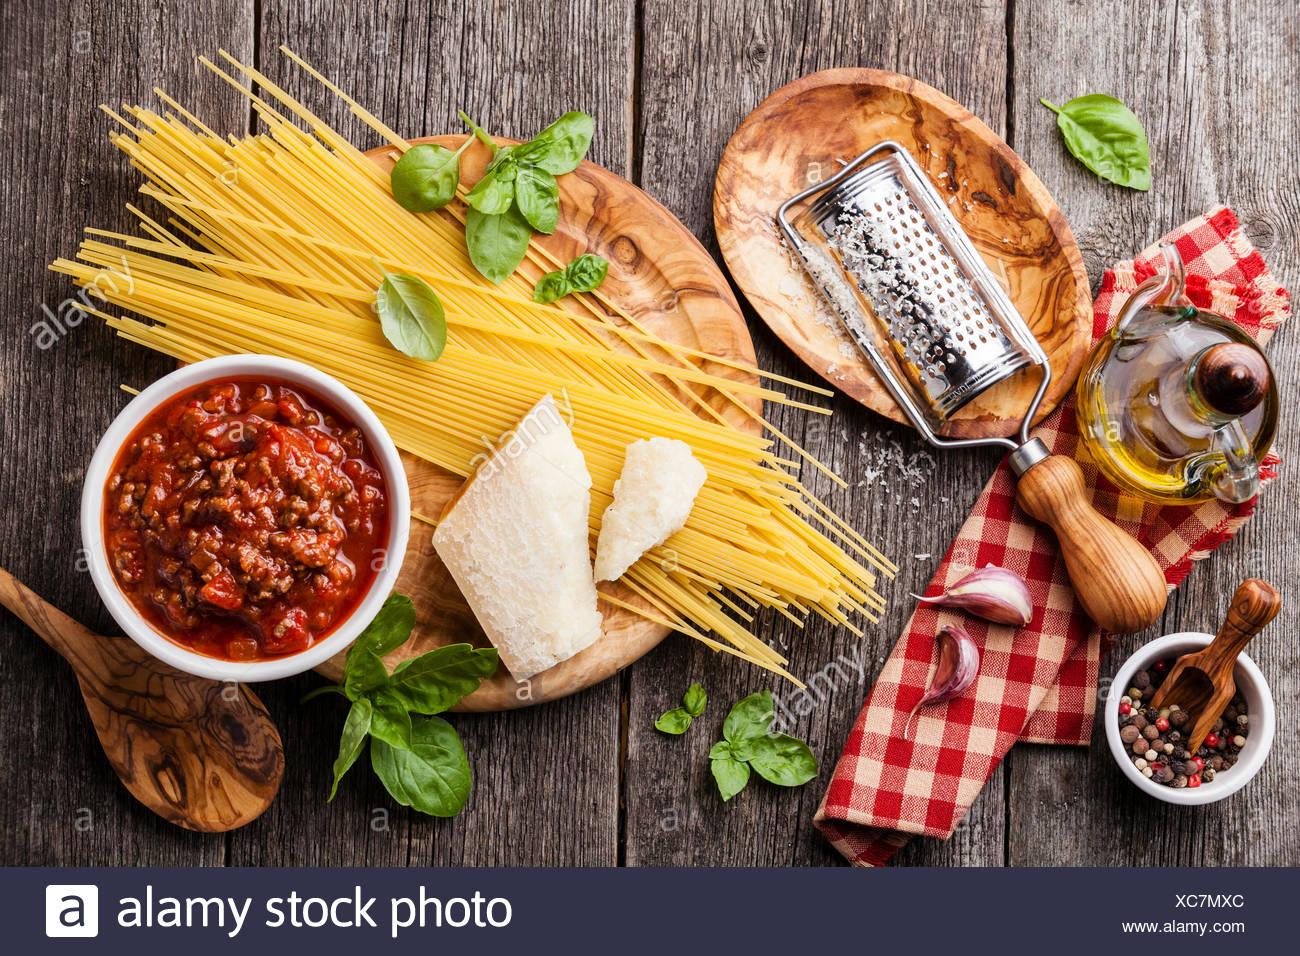 Ingrédients pour spaghetti bolognese gris sur fond de bois Photo Stock